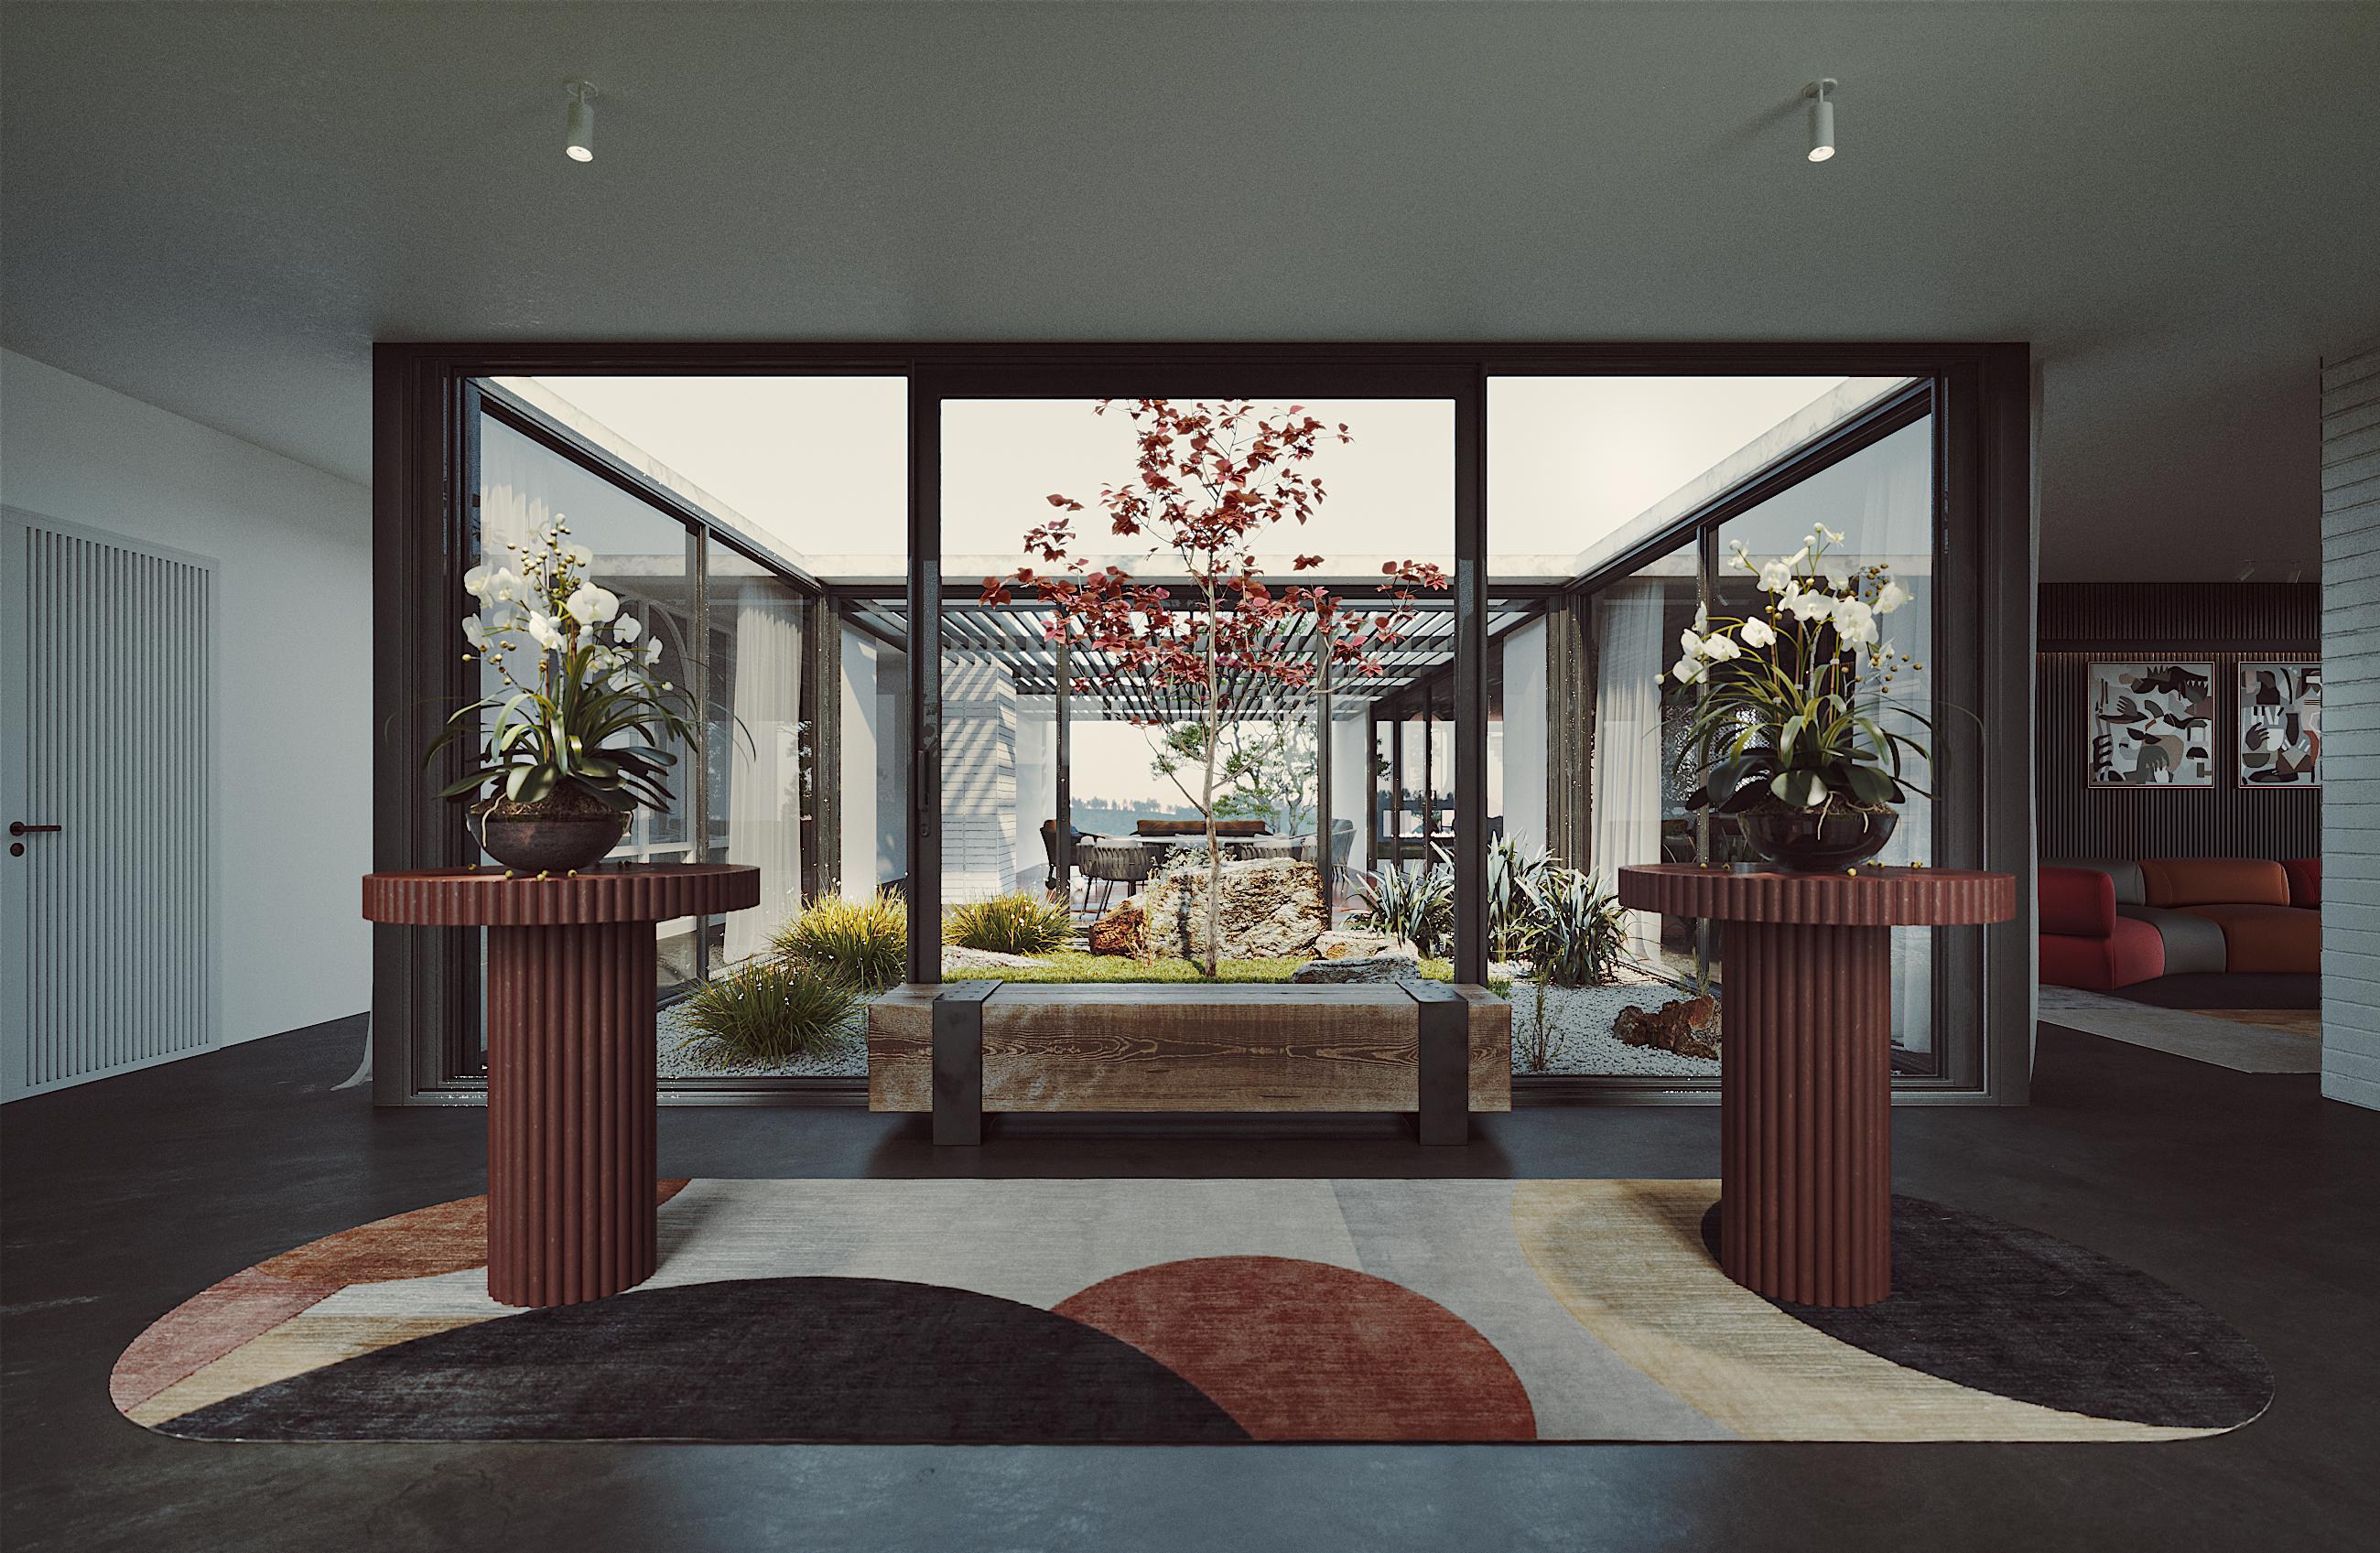 MrMitchell_Mittagong_07_Atrium Garden Da